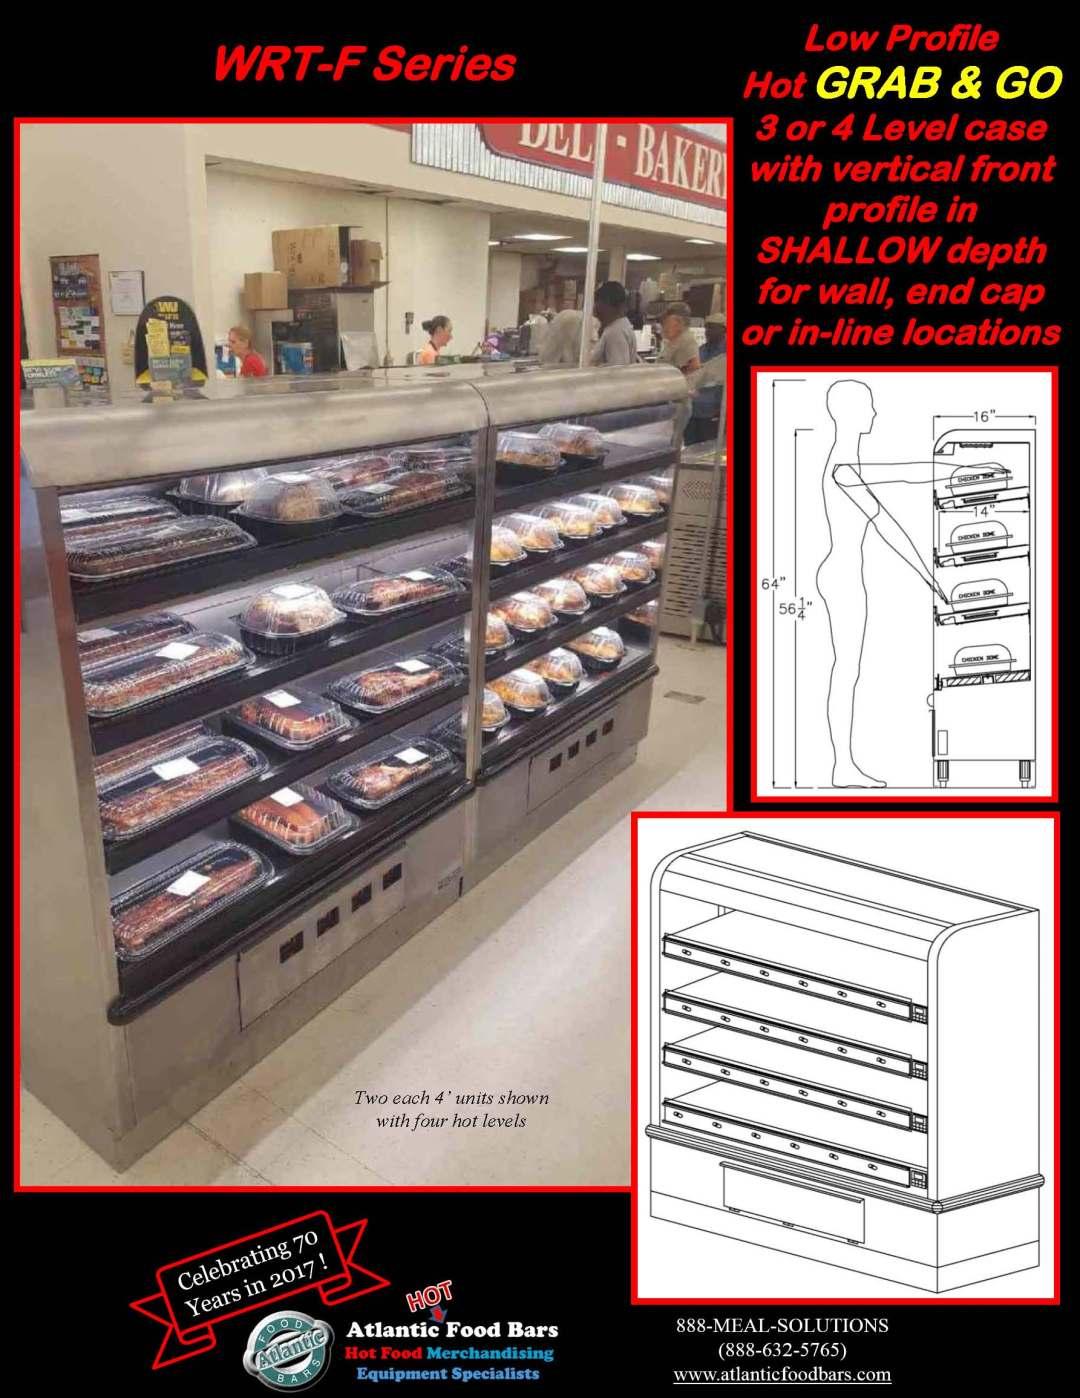 Atlantic Food Bars - FLAT PROFILE Wrangler Giant Mutli-Level Rotisserie Chicken & Hot Packaged Food Merchandiser - WRT-F